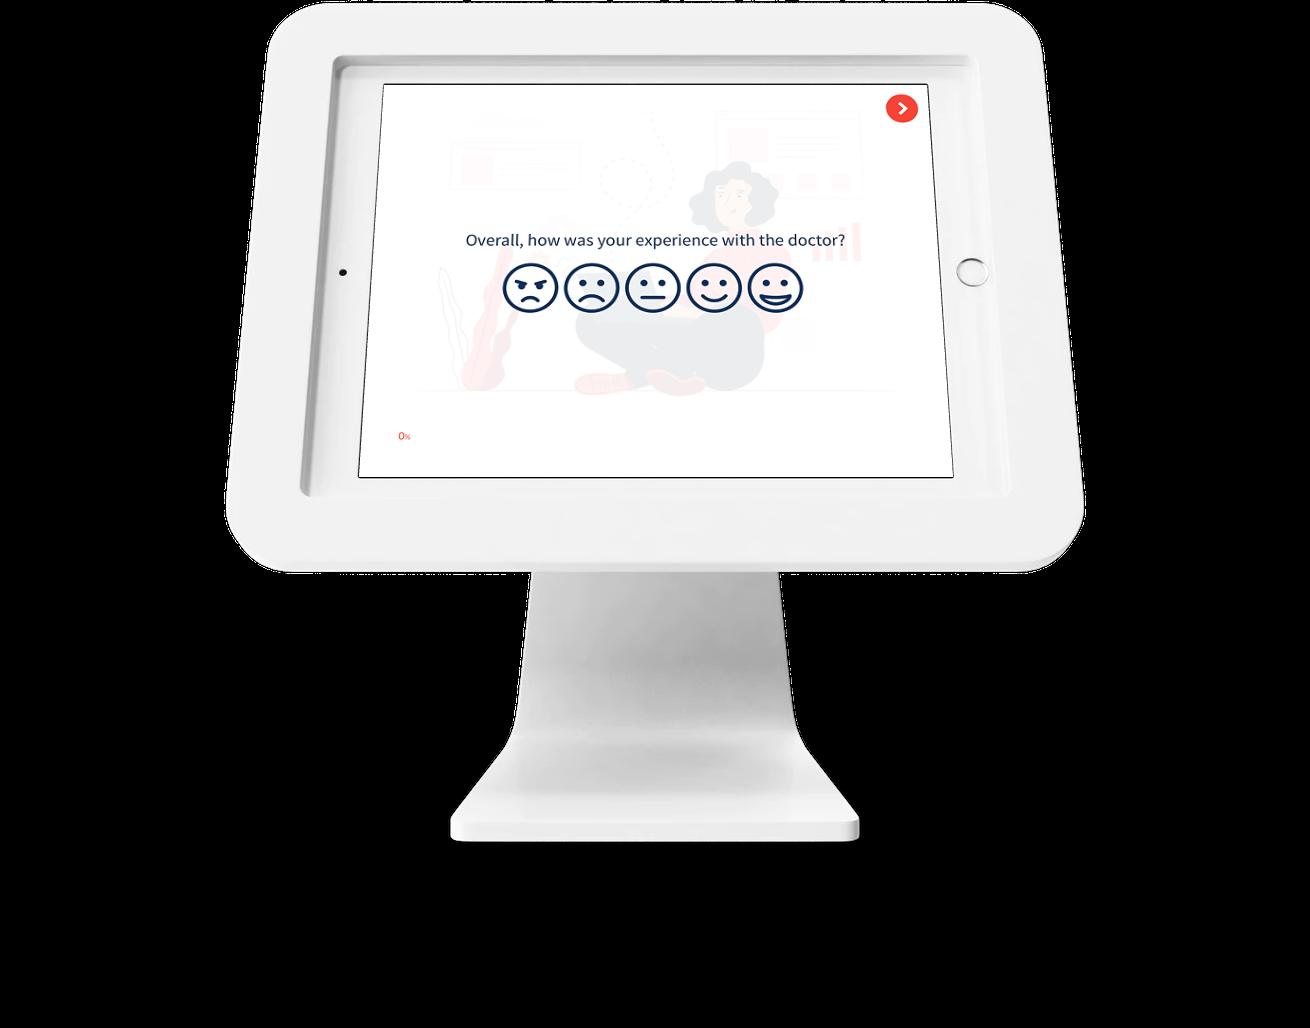 iPad Kiosk CSAT Patient Satisfaction